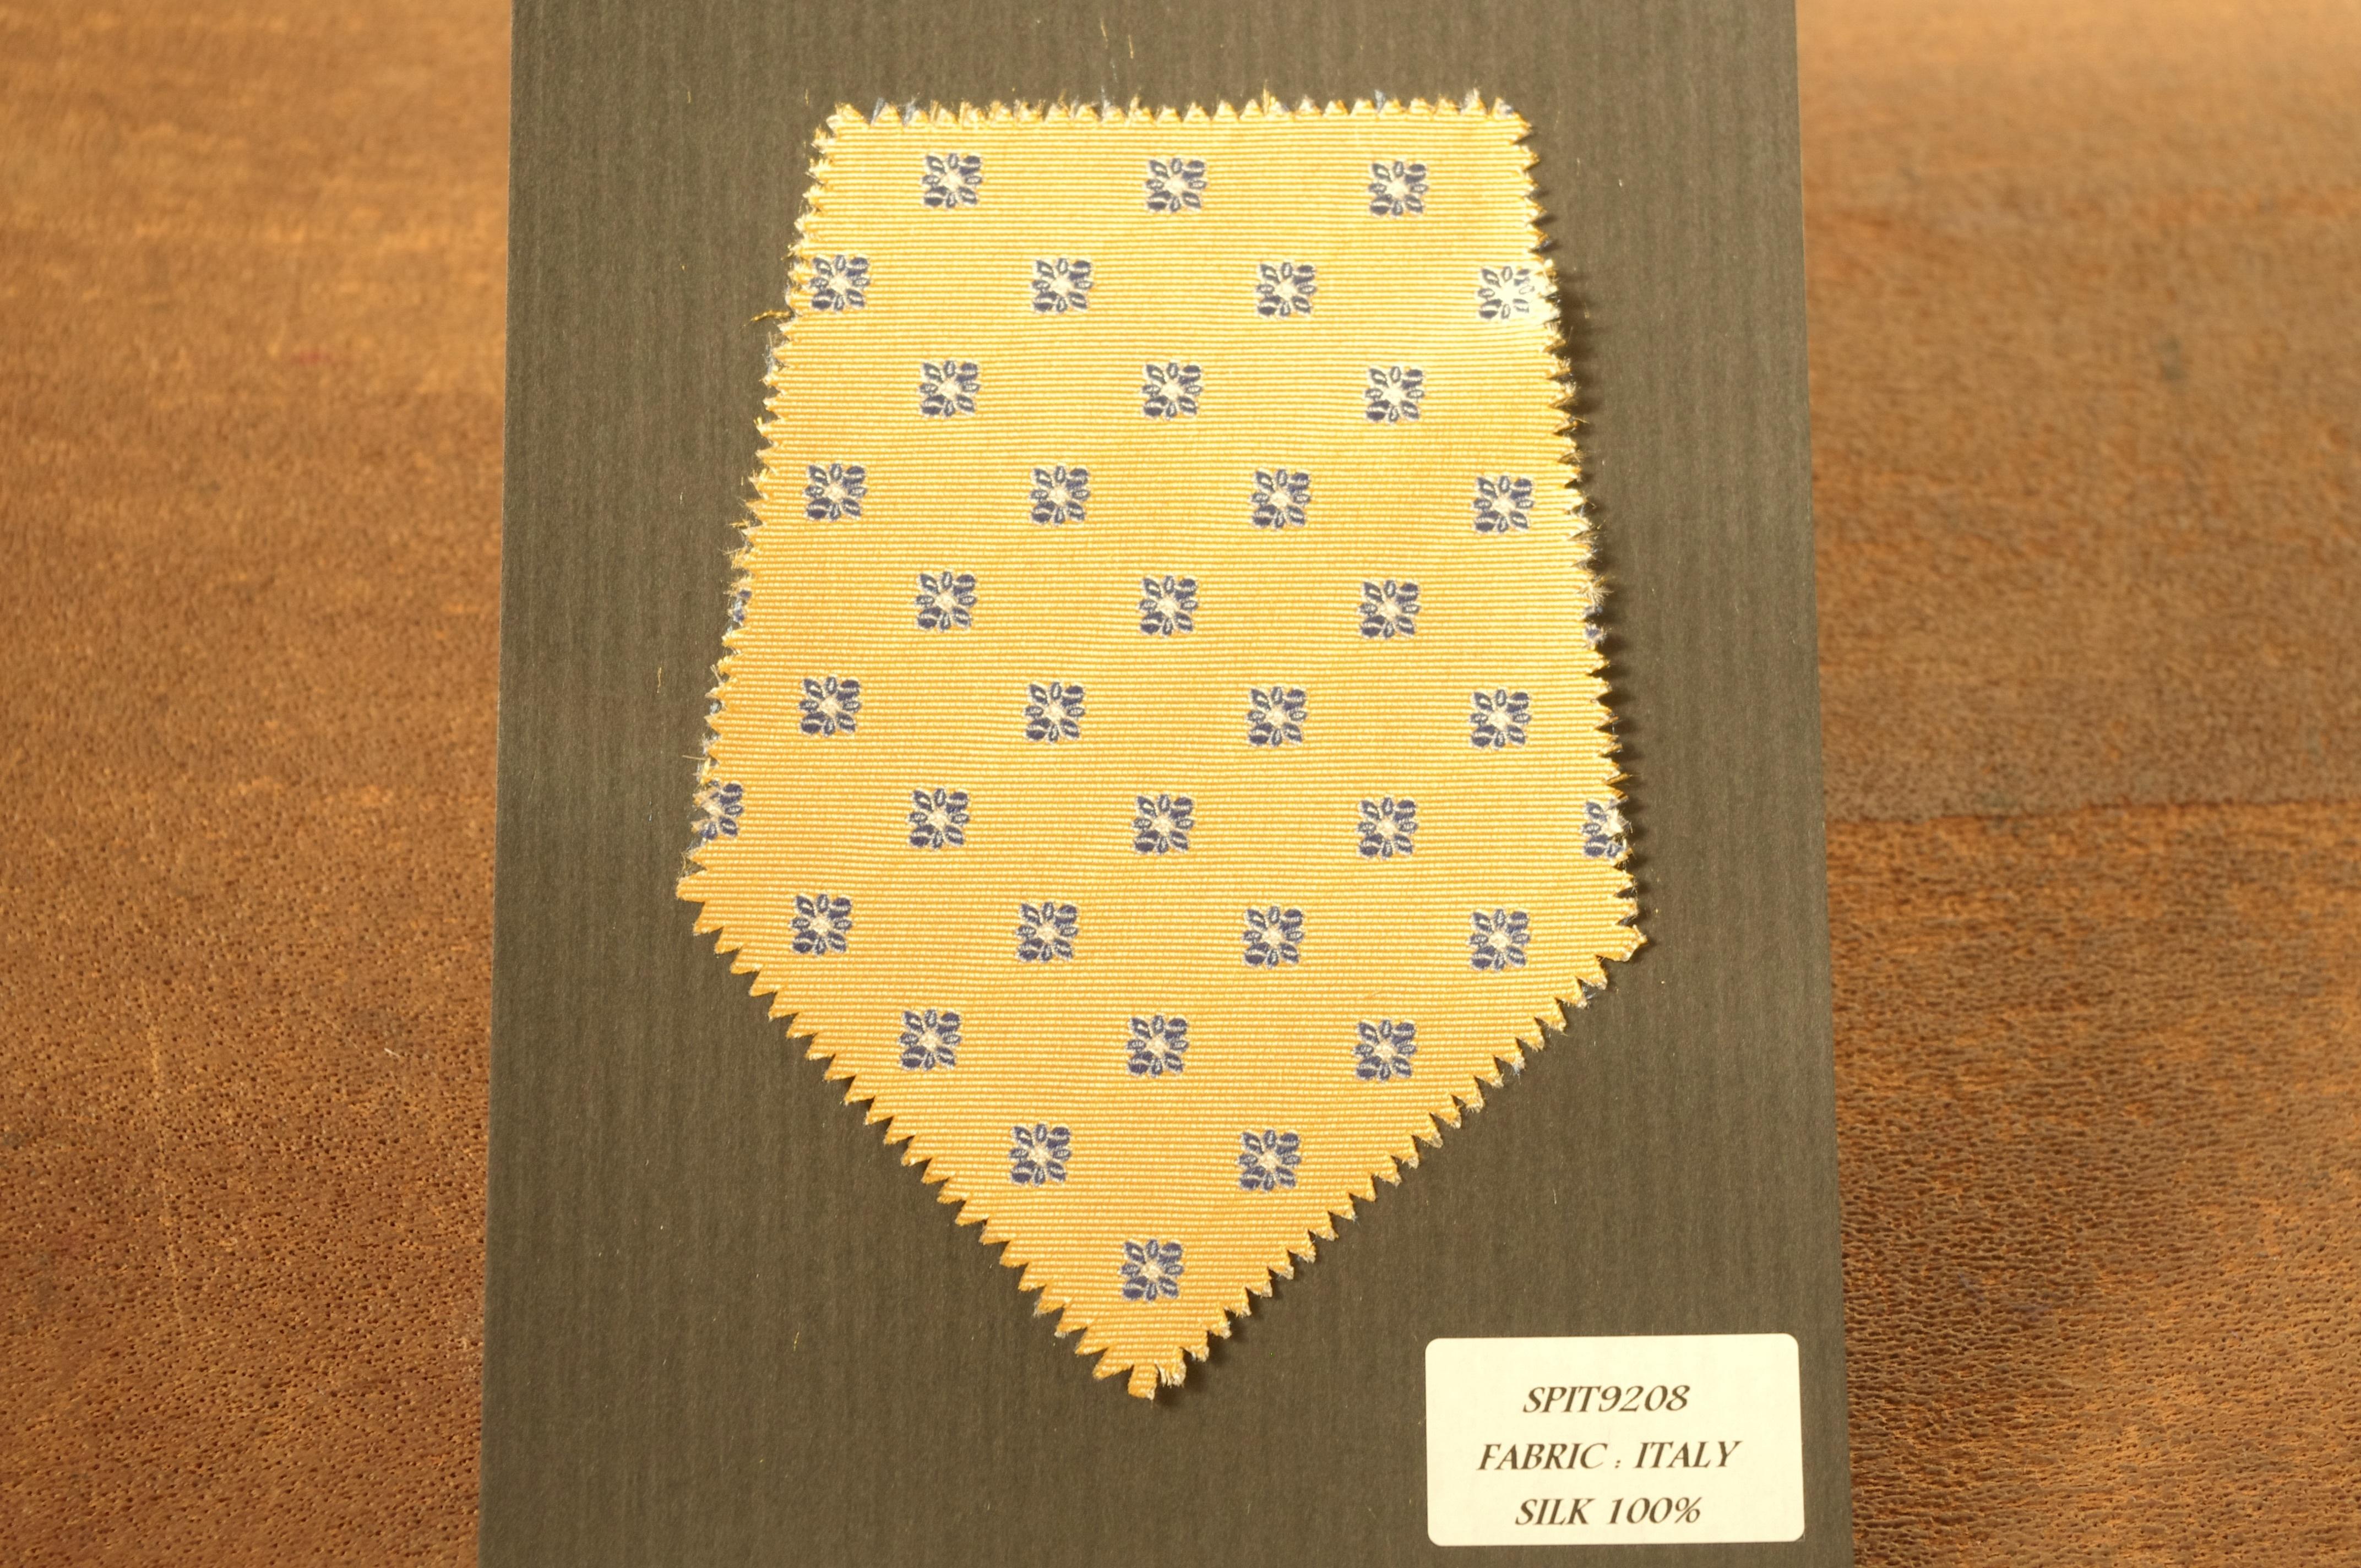 オーダーネクタイ-SPIT-9208